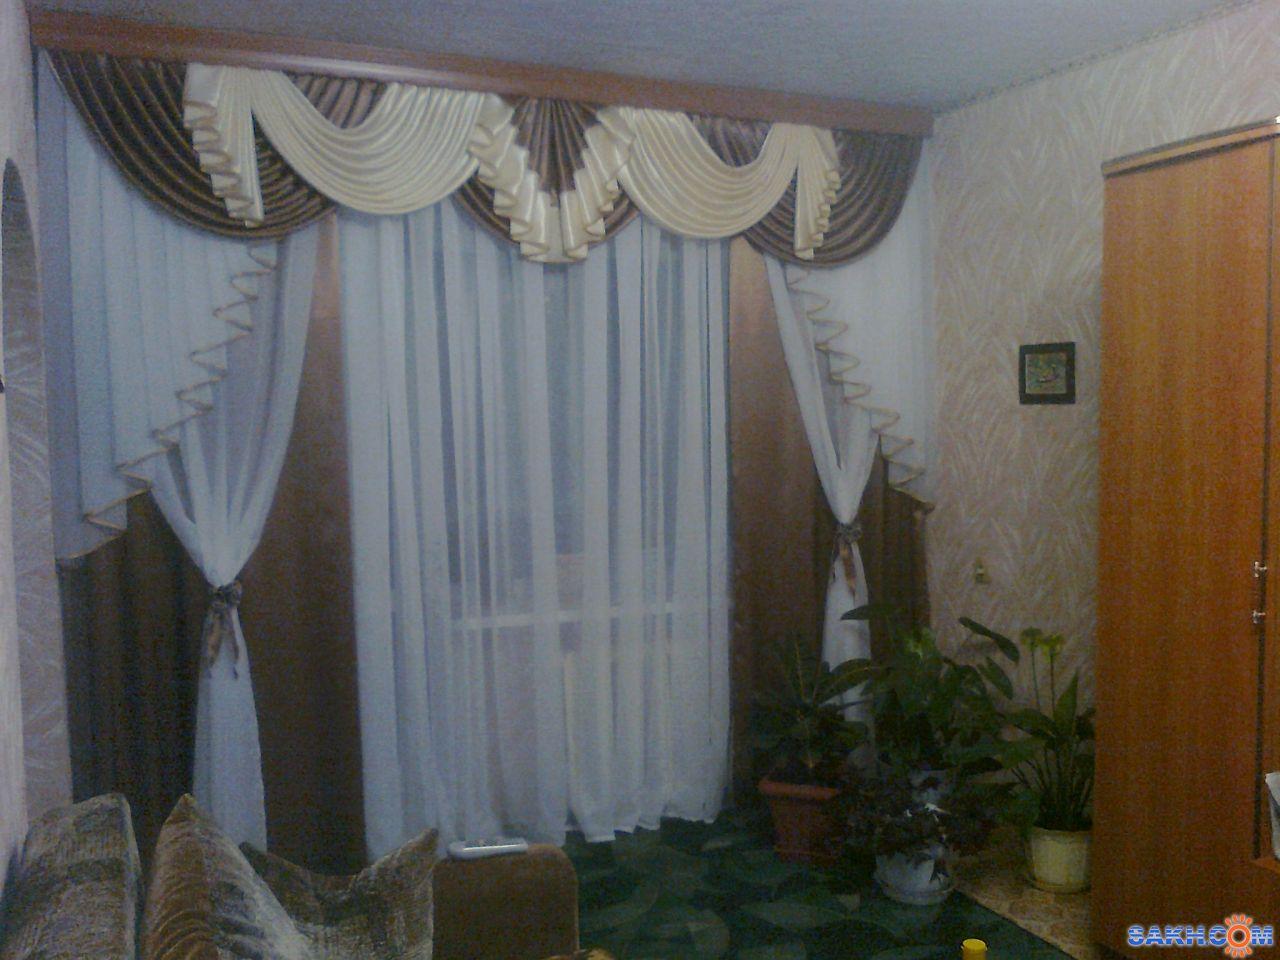 шторы фото и ламбрекены